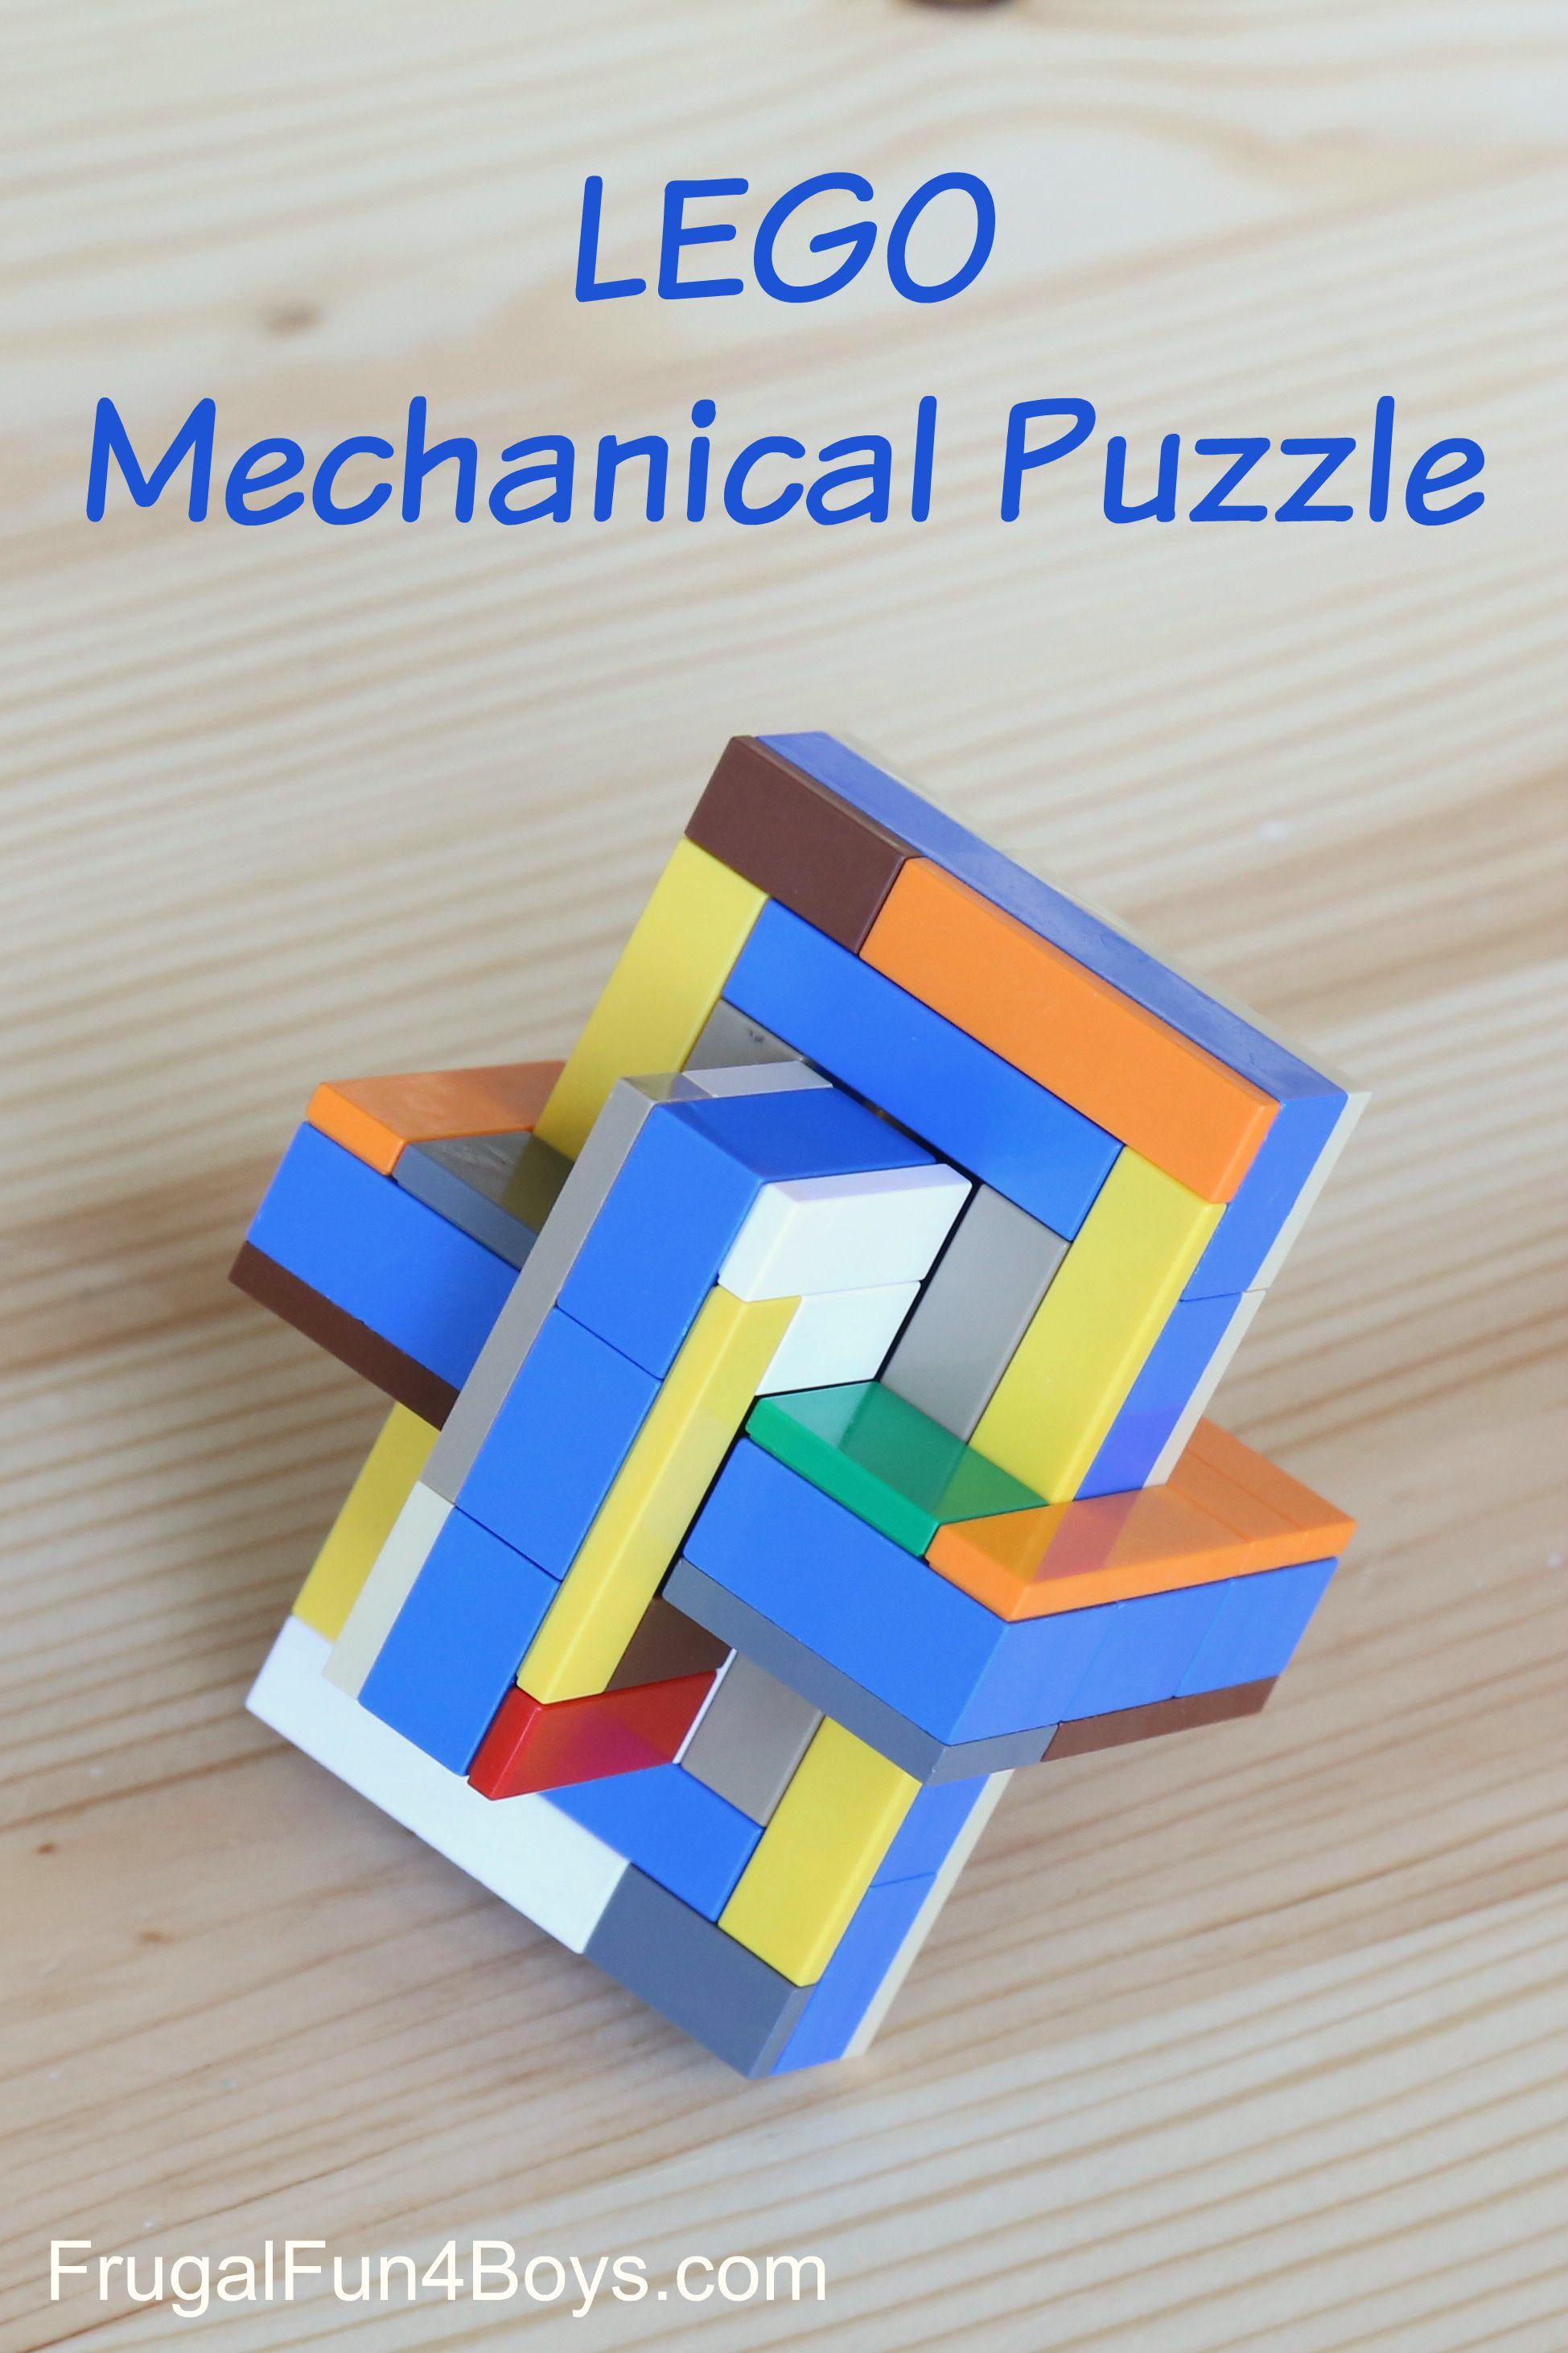 LEGO Mechanical Puzzle